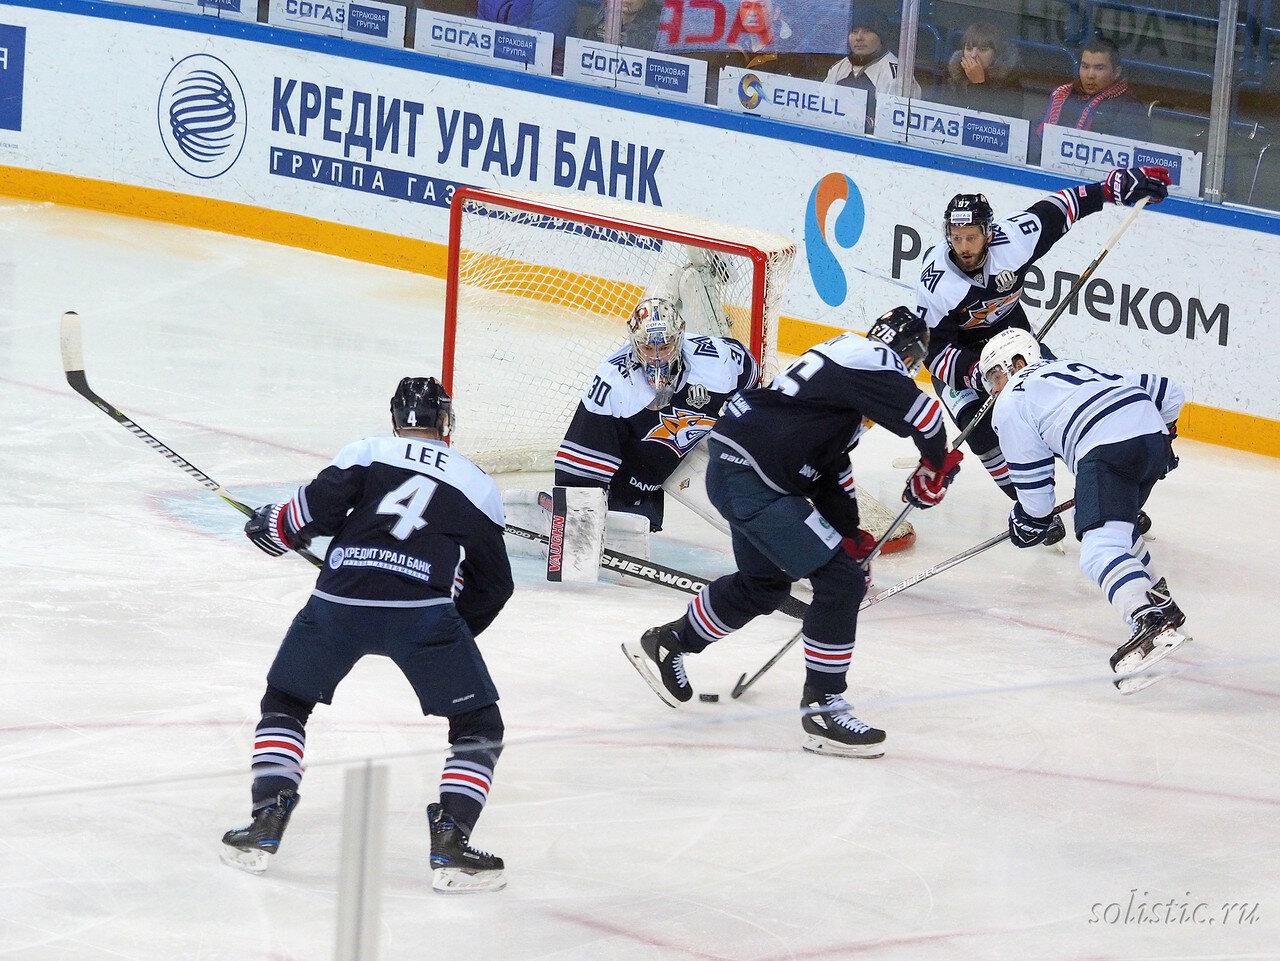 52 Металлург - Динамо 27.12.2017